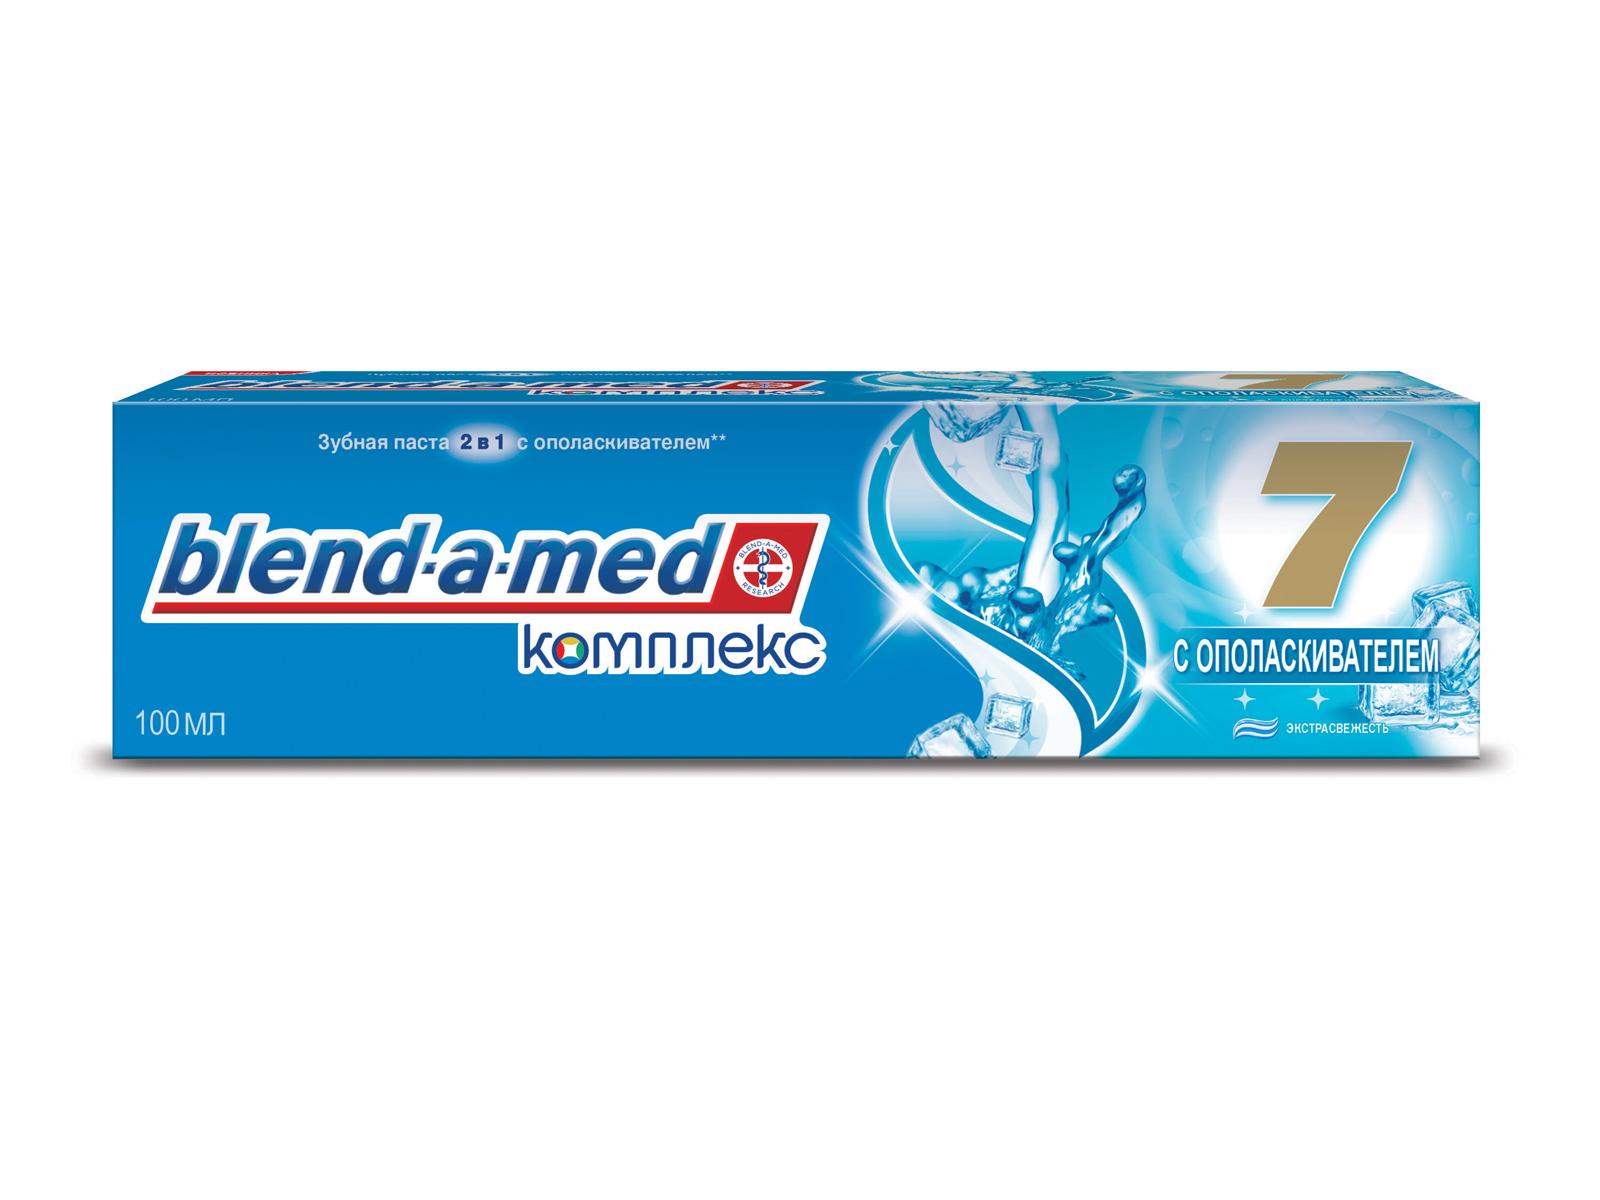 Blend-a-med Зубная паста Комплекс 7 Экстра Свежесть с ополаскивателем, 100 млBM-81540277Свежесть дыхания и защита всей полости рта!Blend-a-med Комплекс 7 Экстра Свежесть: Сочетает в себе полную защиту Blend-a-med Комплекс 7! Имеет ярко-выраженный мятный освежающий вкус!Зубные пасты Blend-a-med Комплекс 7 защищают по семи признакам: - Бактериальный налет.- Кариес зубов. - Проблемы дёсен. - Кариес корня. - Зубной камень. - Тёмный налёт. - Несвежее дыхание. Blend-a-med Комплекс 7 обеспечивает быструю, простую и легкую защиту всей полости рта, и вы можете наслаждаться жизнью, не беспокоясь о здоровье ваших зубов! Ощутите взрыв свежести с зубной пастой Blend-a-med Комплекс 7 Экстра свежесть, почувствуйте больше уверенности при общении с друзьями. Blend-a-med рекомендует использовать зубную пасту Комплекс 7 Экстра свежесть с зубной щеткой Oral-B Комплекс. Попробуйте новый Blend-a-med Комплекс 7 Экстра Свежесть с ополаскивателем. - Ярко-выраженный мятный освежающий вкус. - Обеспечивает качественный уход за здоровьем полости рта. - Комплексная защита всё полости рта. - Сочетает в себе полную защиту Blend-a-med Комплекс 7. - Комплекс 7 обеспечивает быструю, простую и легкую защиту всей полости рта, и вы можете наслаждаться жизнью, не беспокоясь о здоровье ваших зубов. Срок хранения – 3 года. «Проктер энд Гэмбл», Германия.Уважаемые клиенты! Обращаем ваше внимание на возможные изменения в дизайне упаковки. Качественные характеристики товара остаются неизменными. Поставка осуществляется в зависимости от наличия на складе.